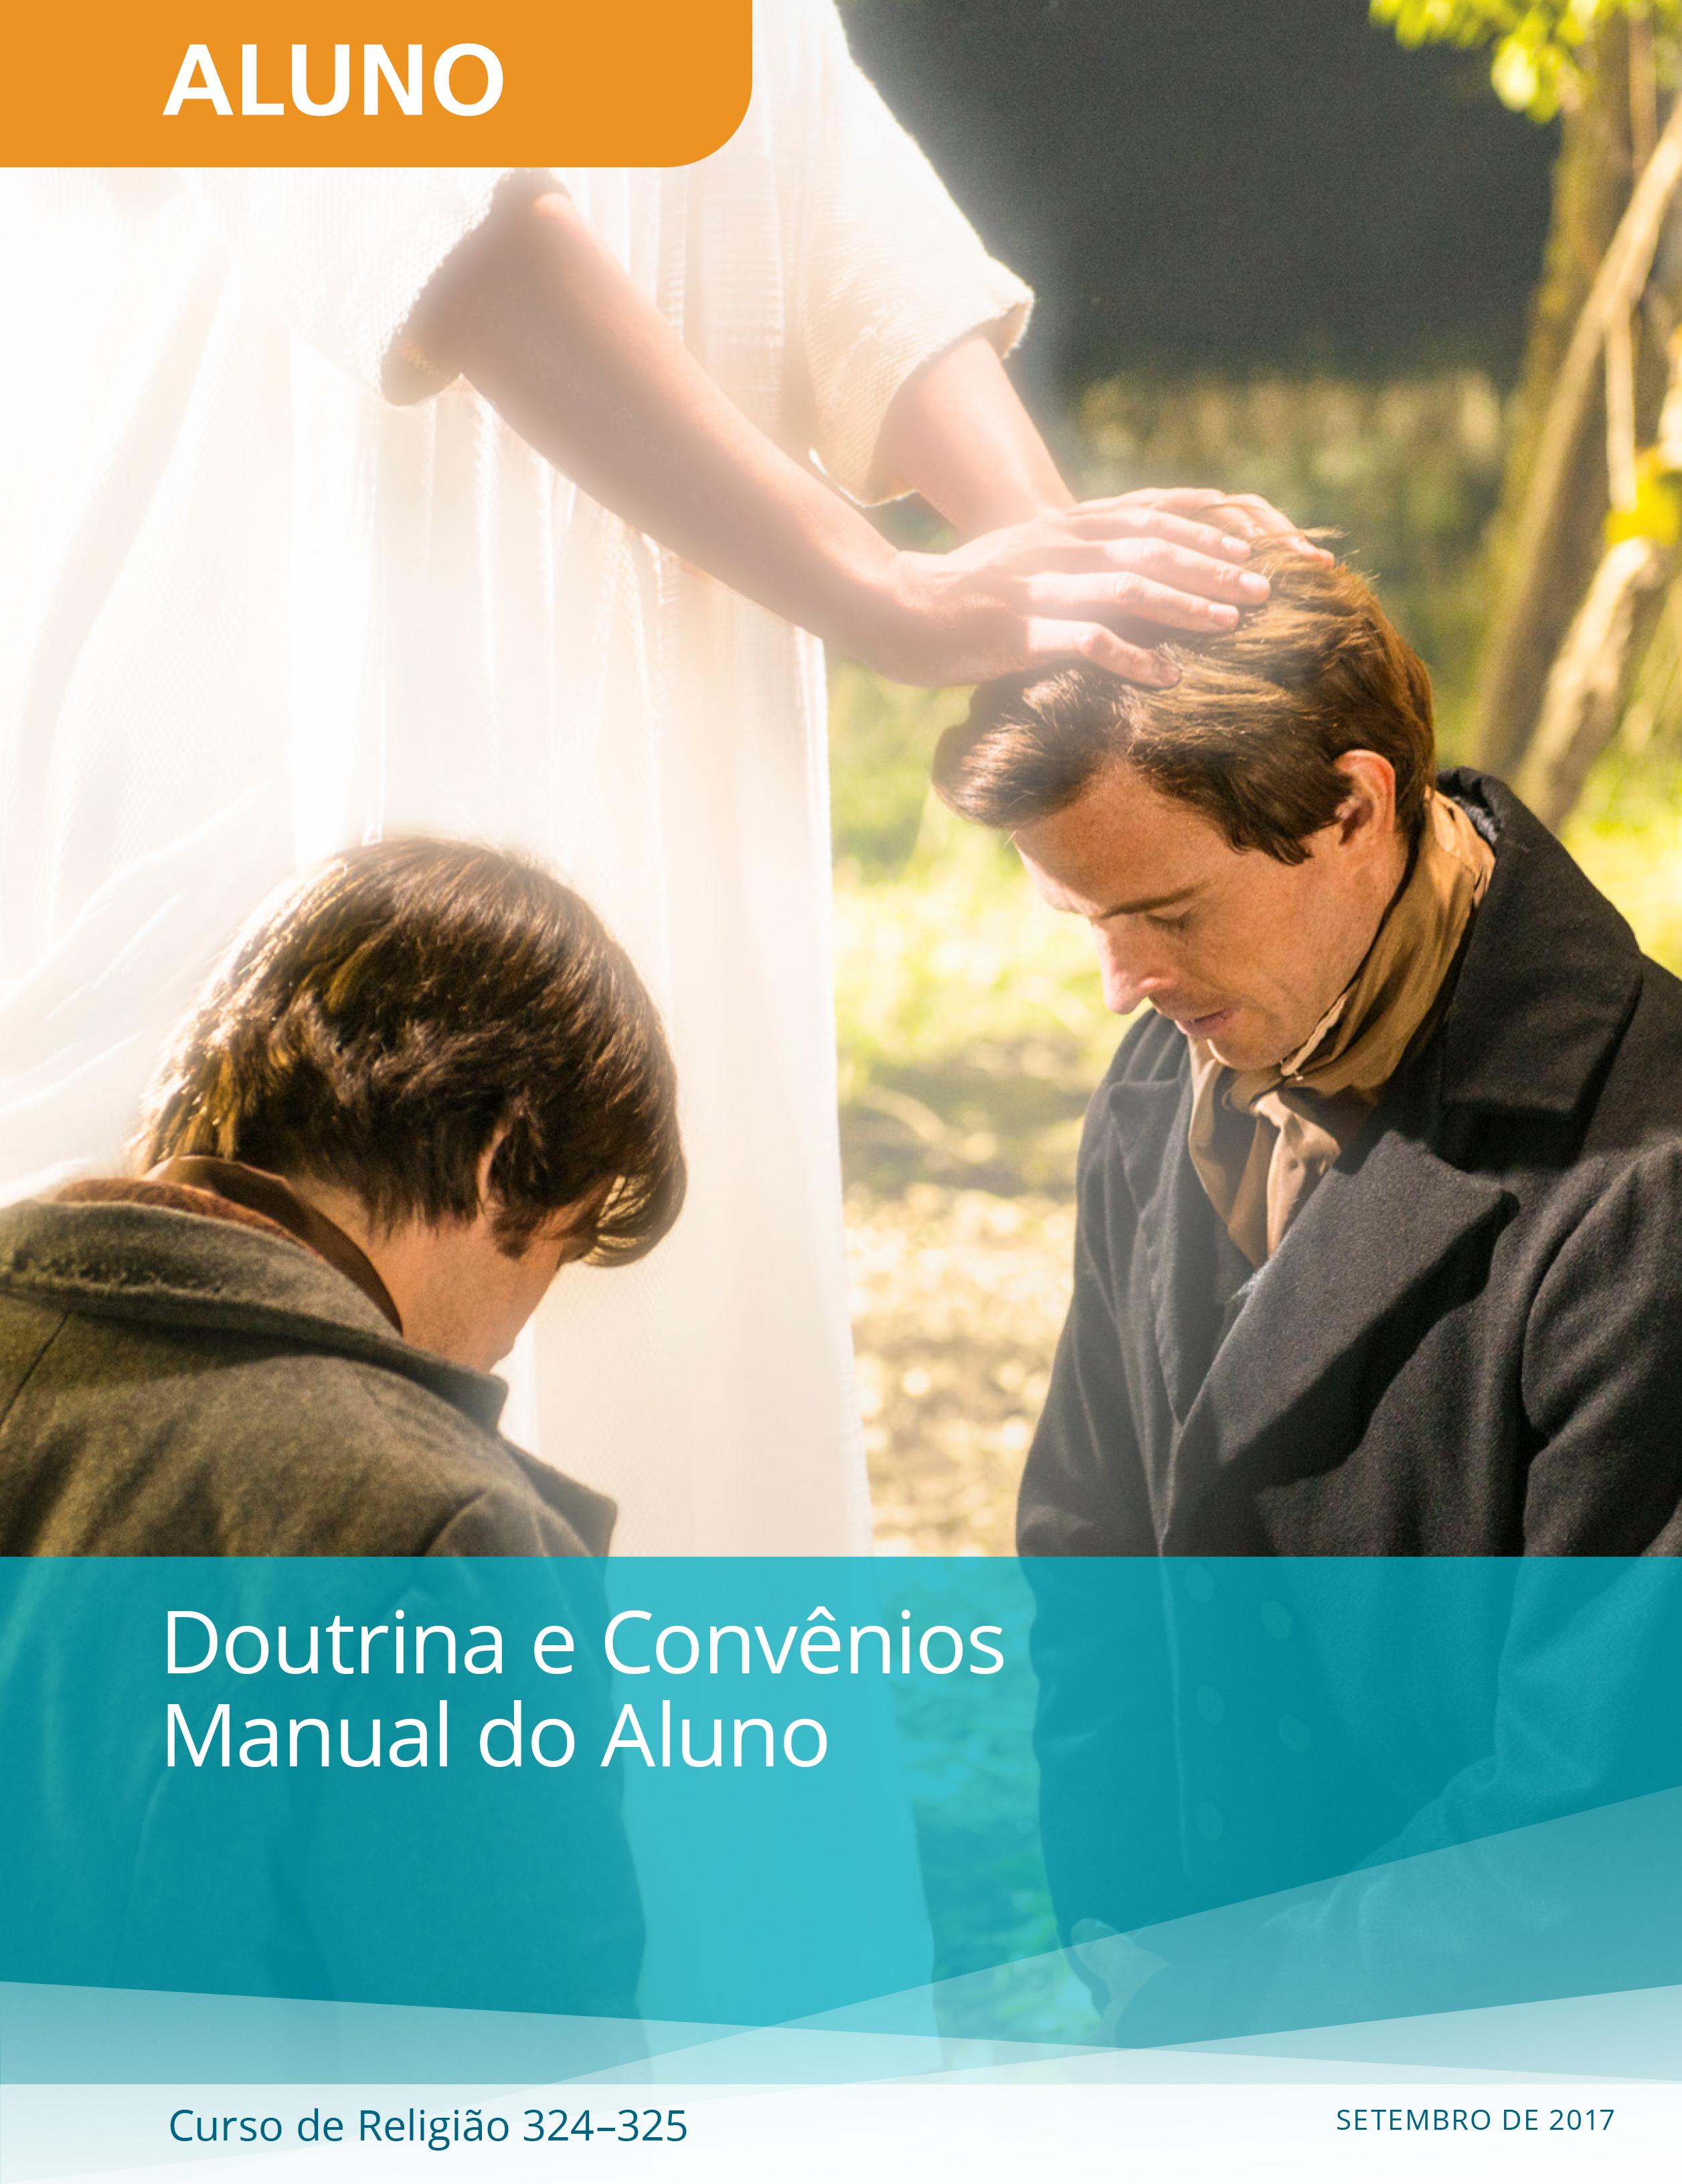 Doutrina e Convênios — Manual do Aluno